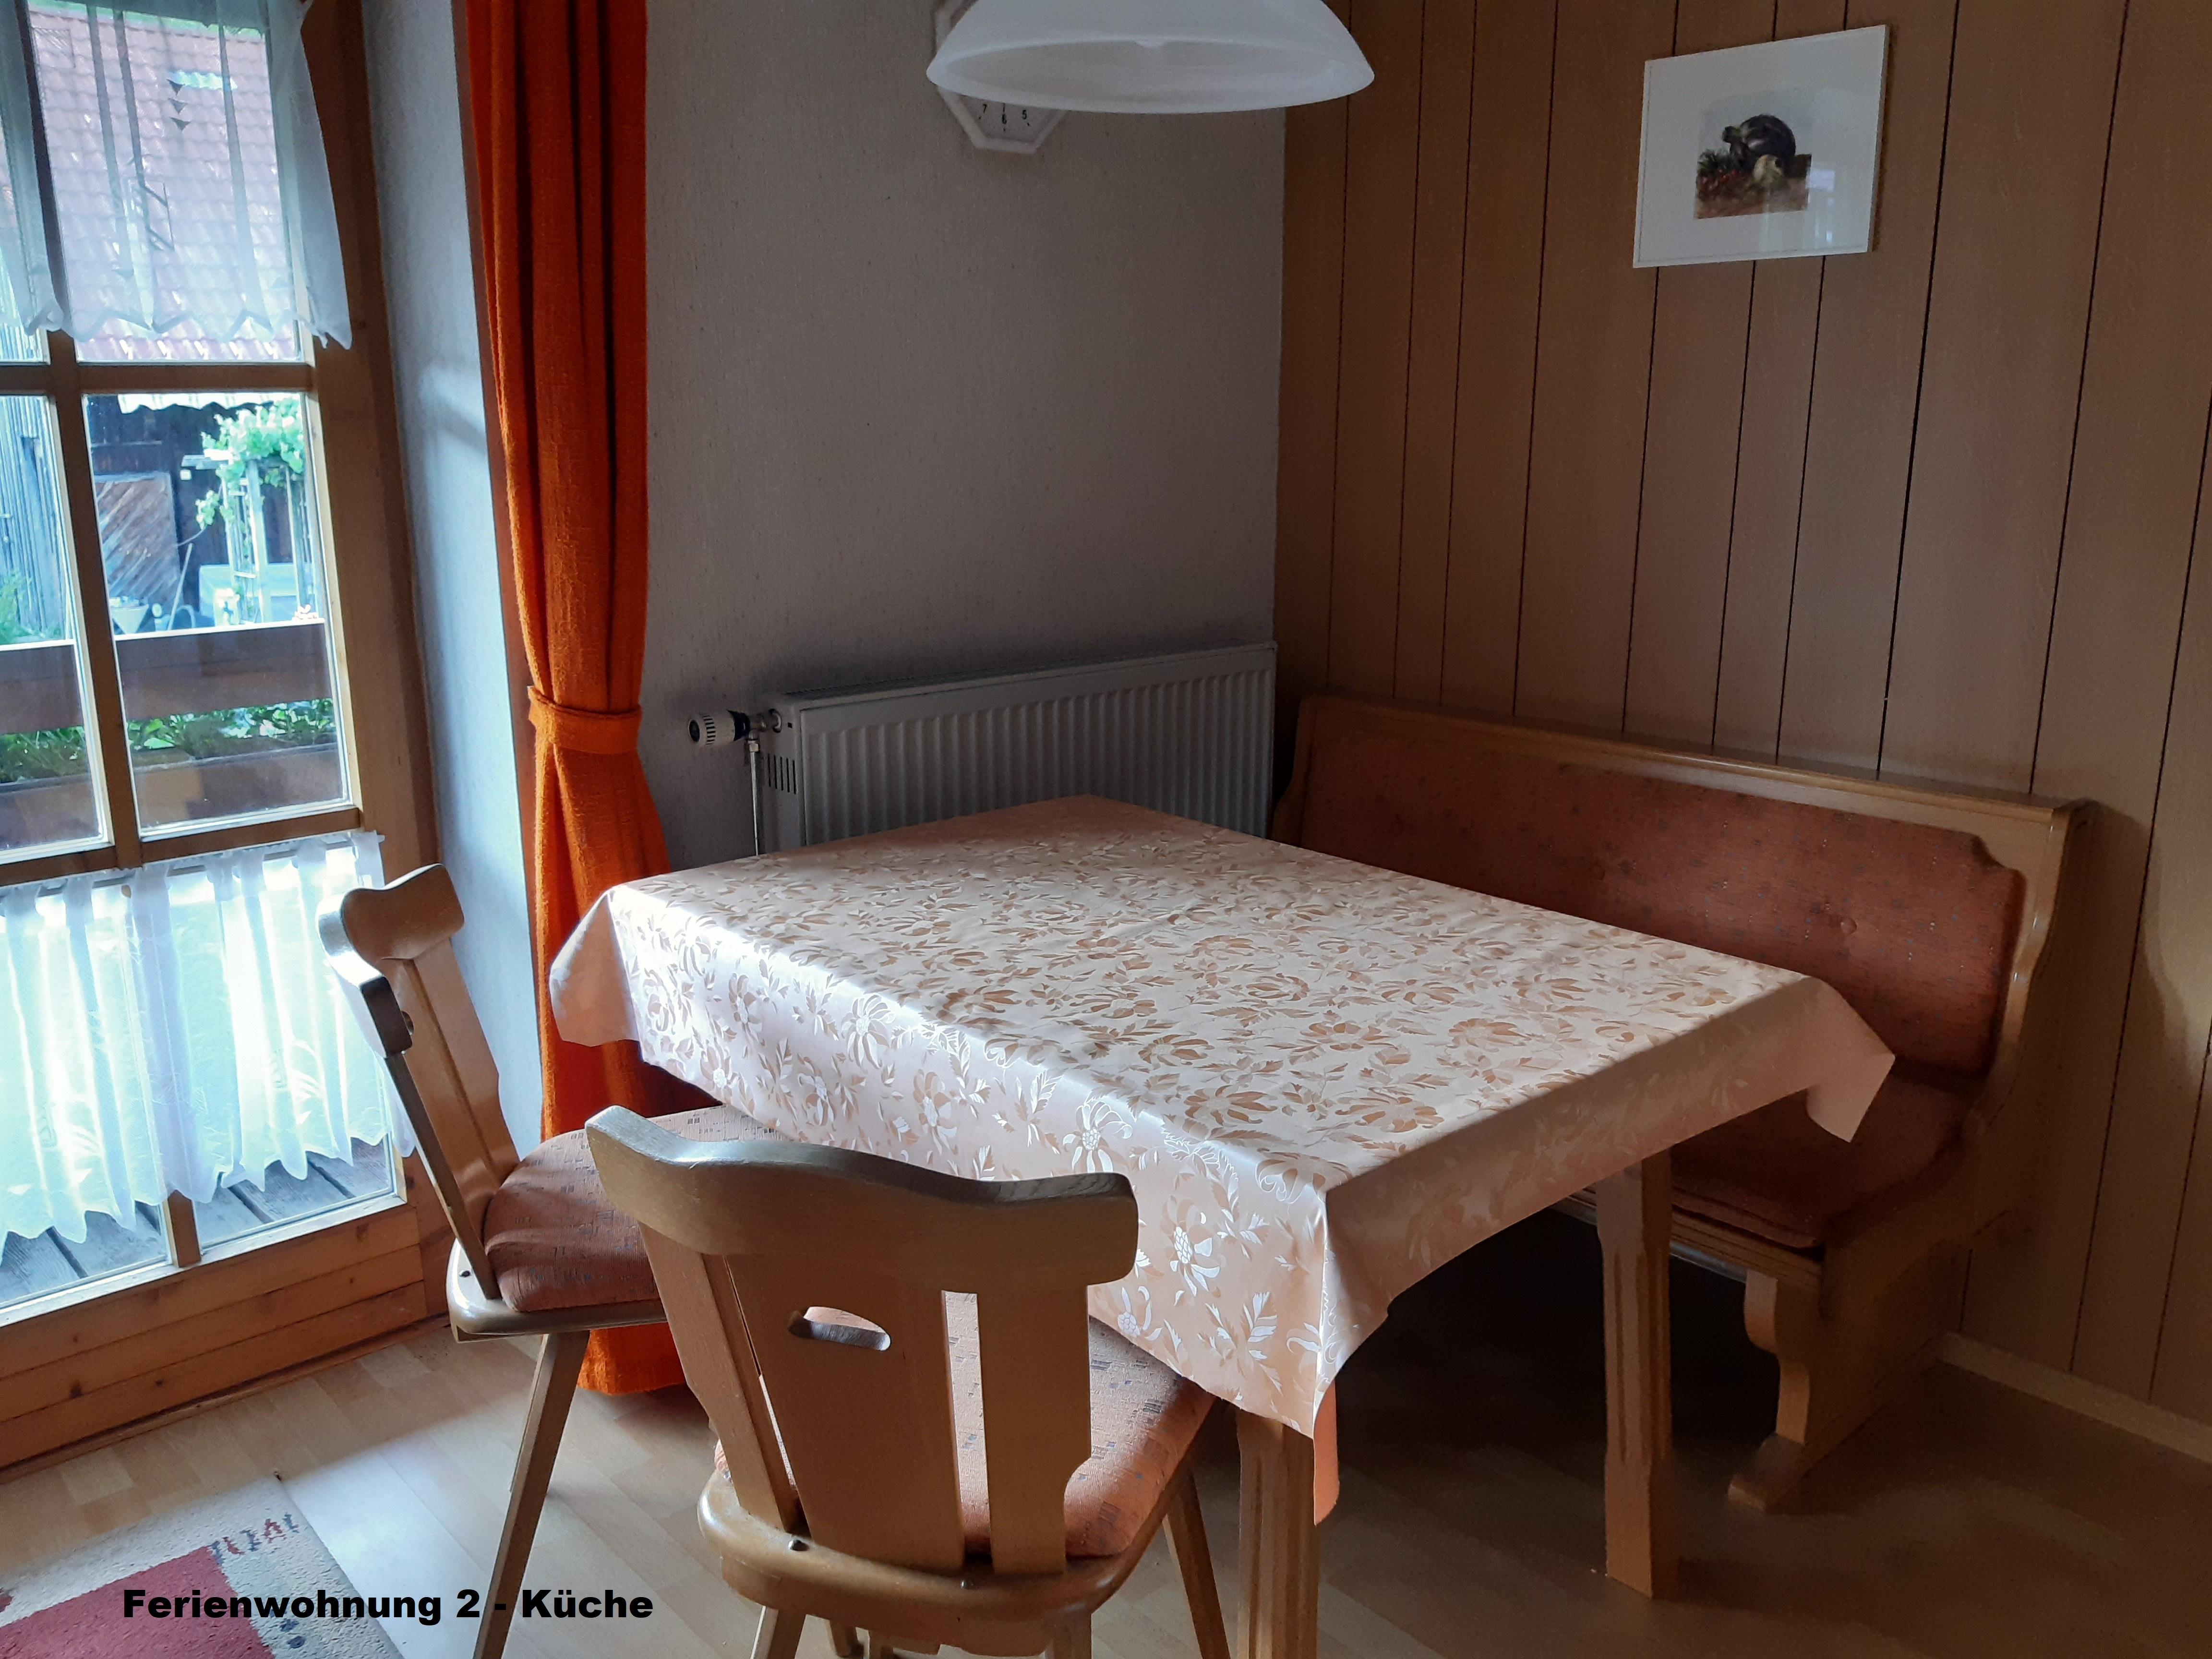 Gästehaus Fink, Ferienwohnung 2, Küche